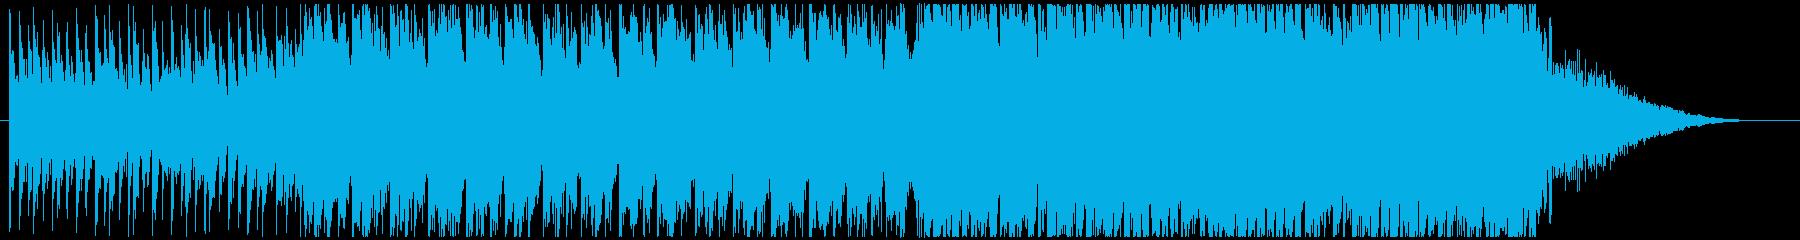 壮大で激しいオーケストラ調の再生済みの波形